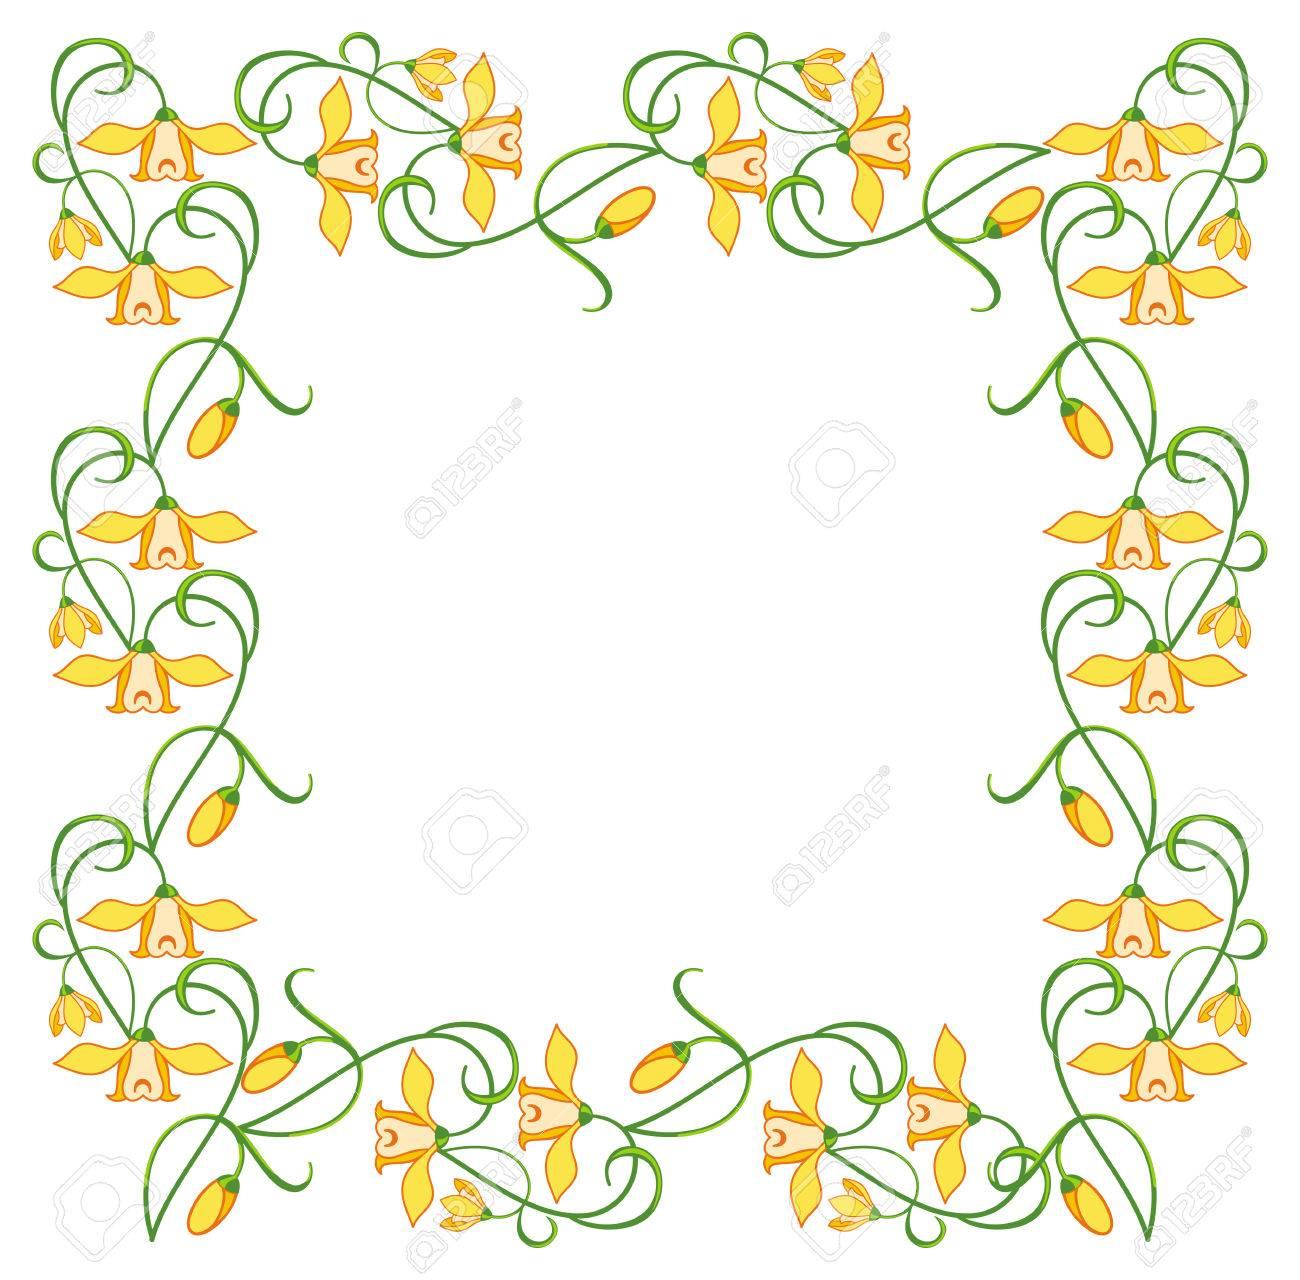 Farbe Rahmen Mit Gelben Blüten Lizenzfrei Nutzbare Vektorgrafiken ...